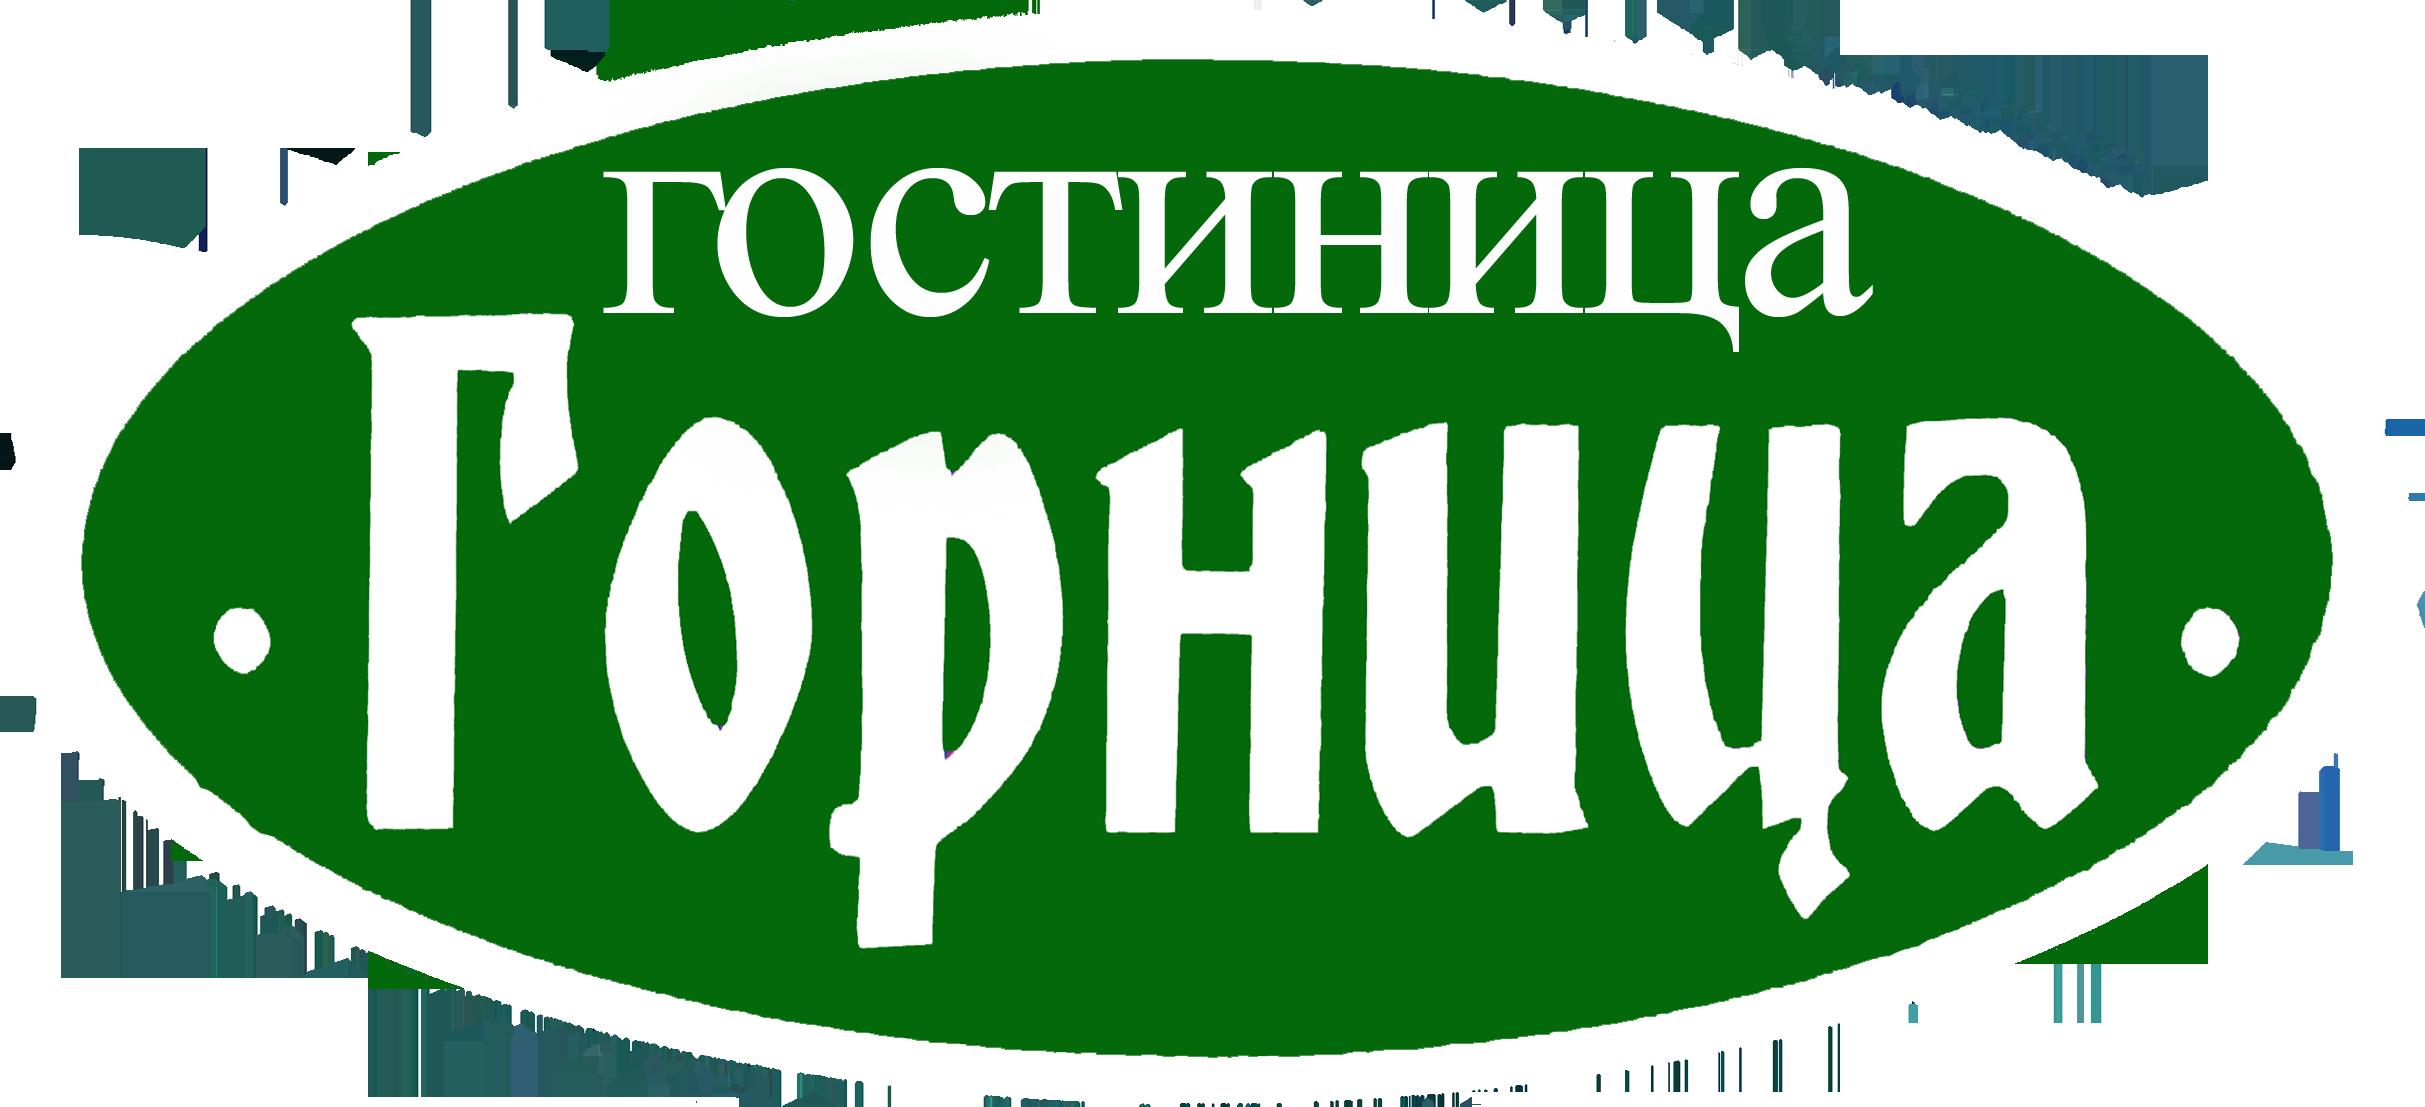 Гостиница Горница